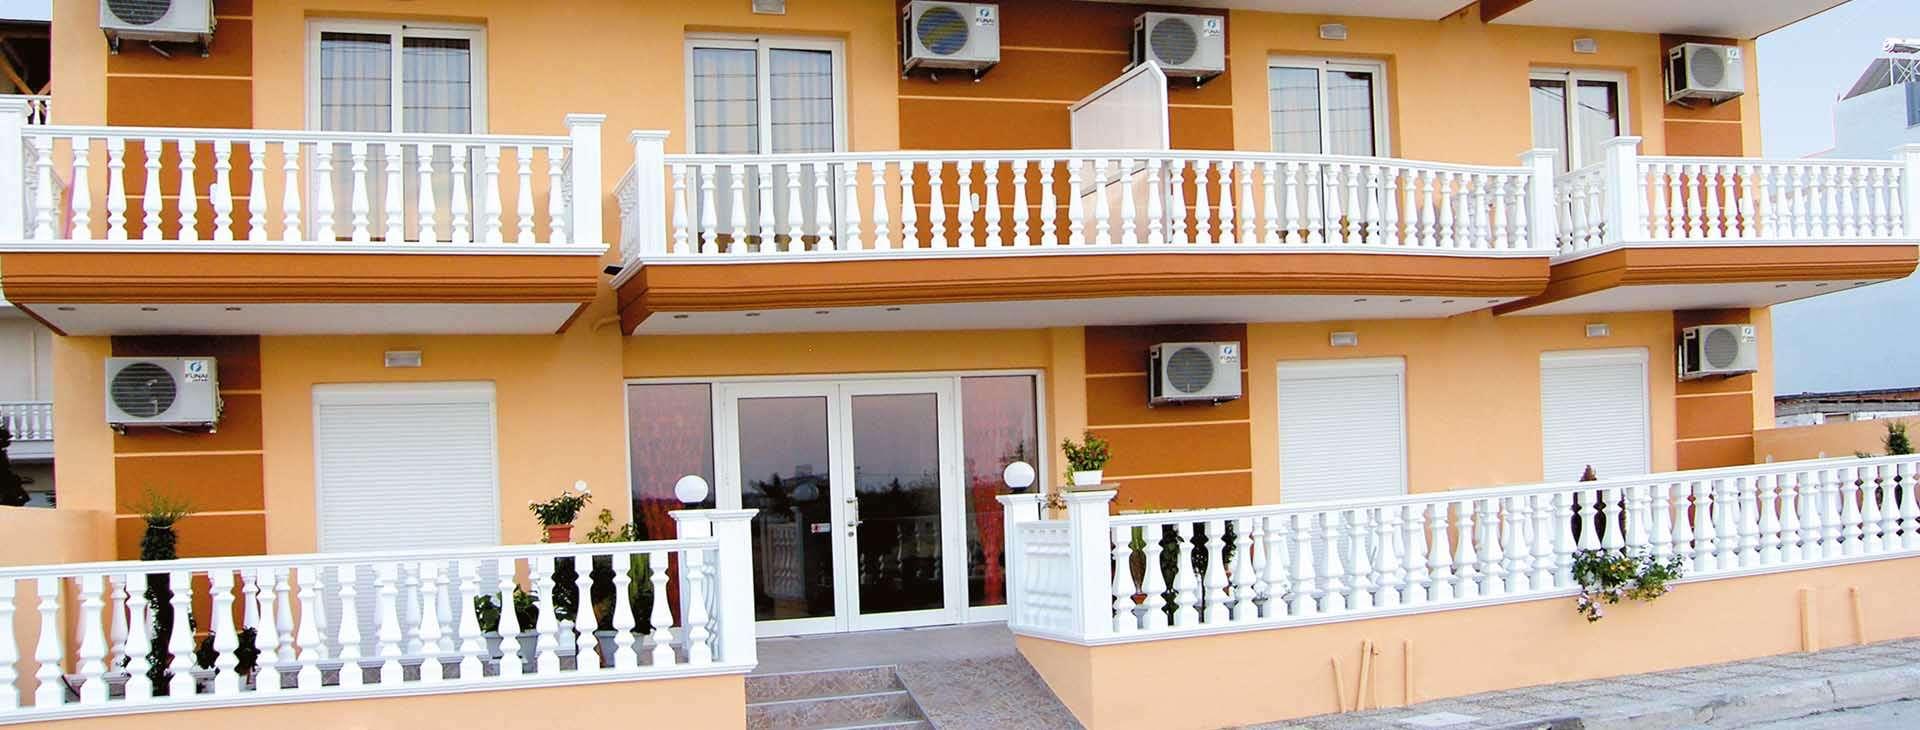 Karies - hotel